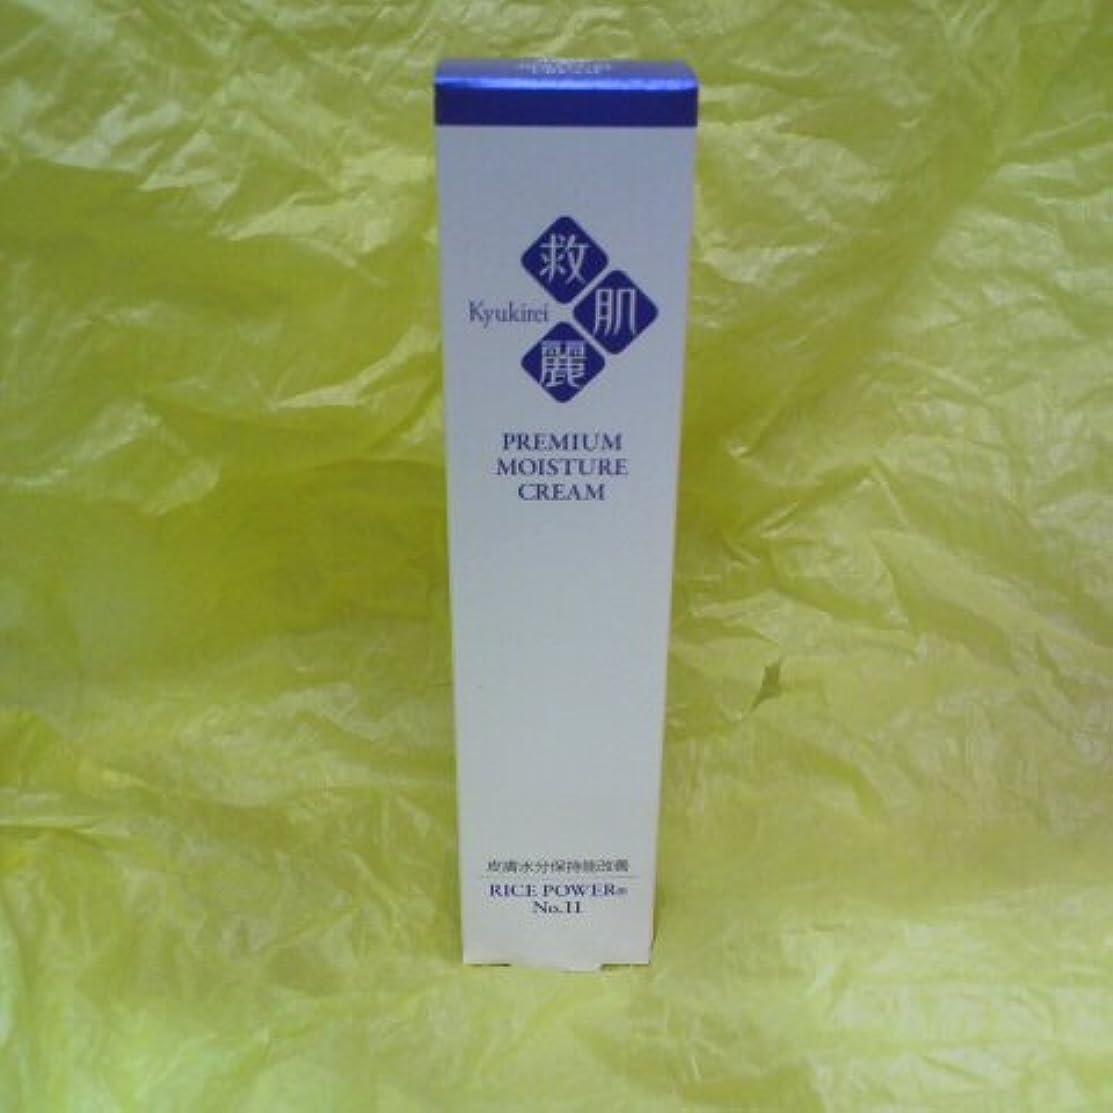 救肌麗 薬用クリーム 40g (ライスパワー№11配合 無香料、無着色)医薬部外品